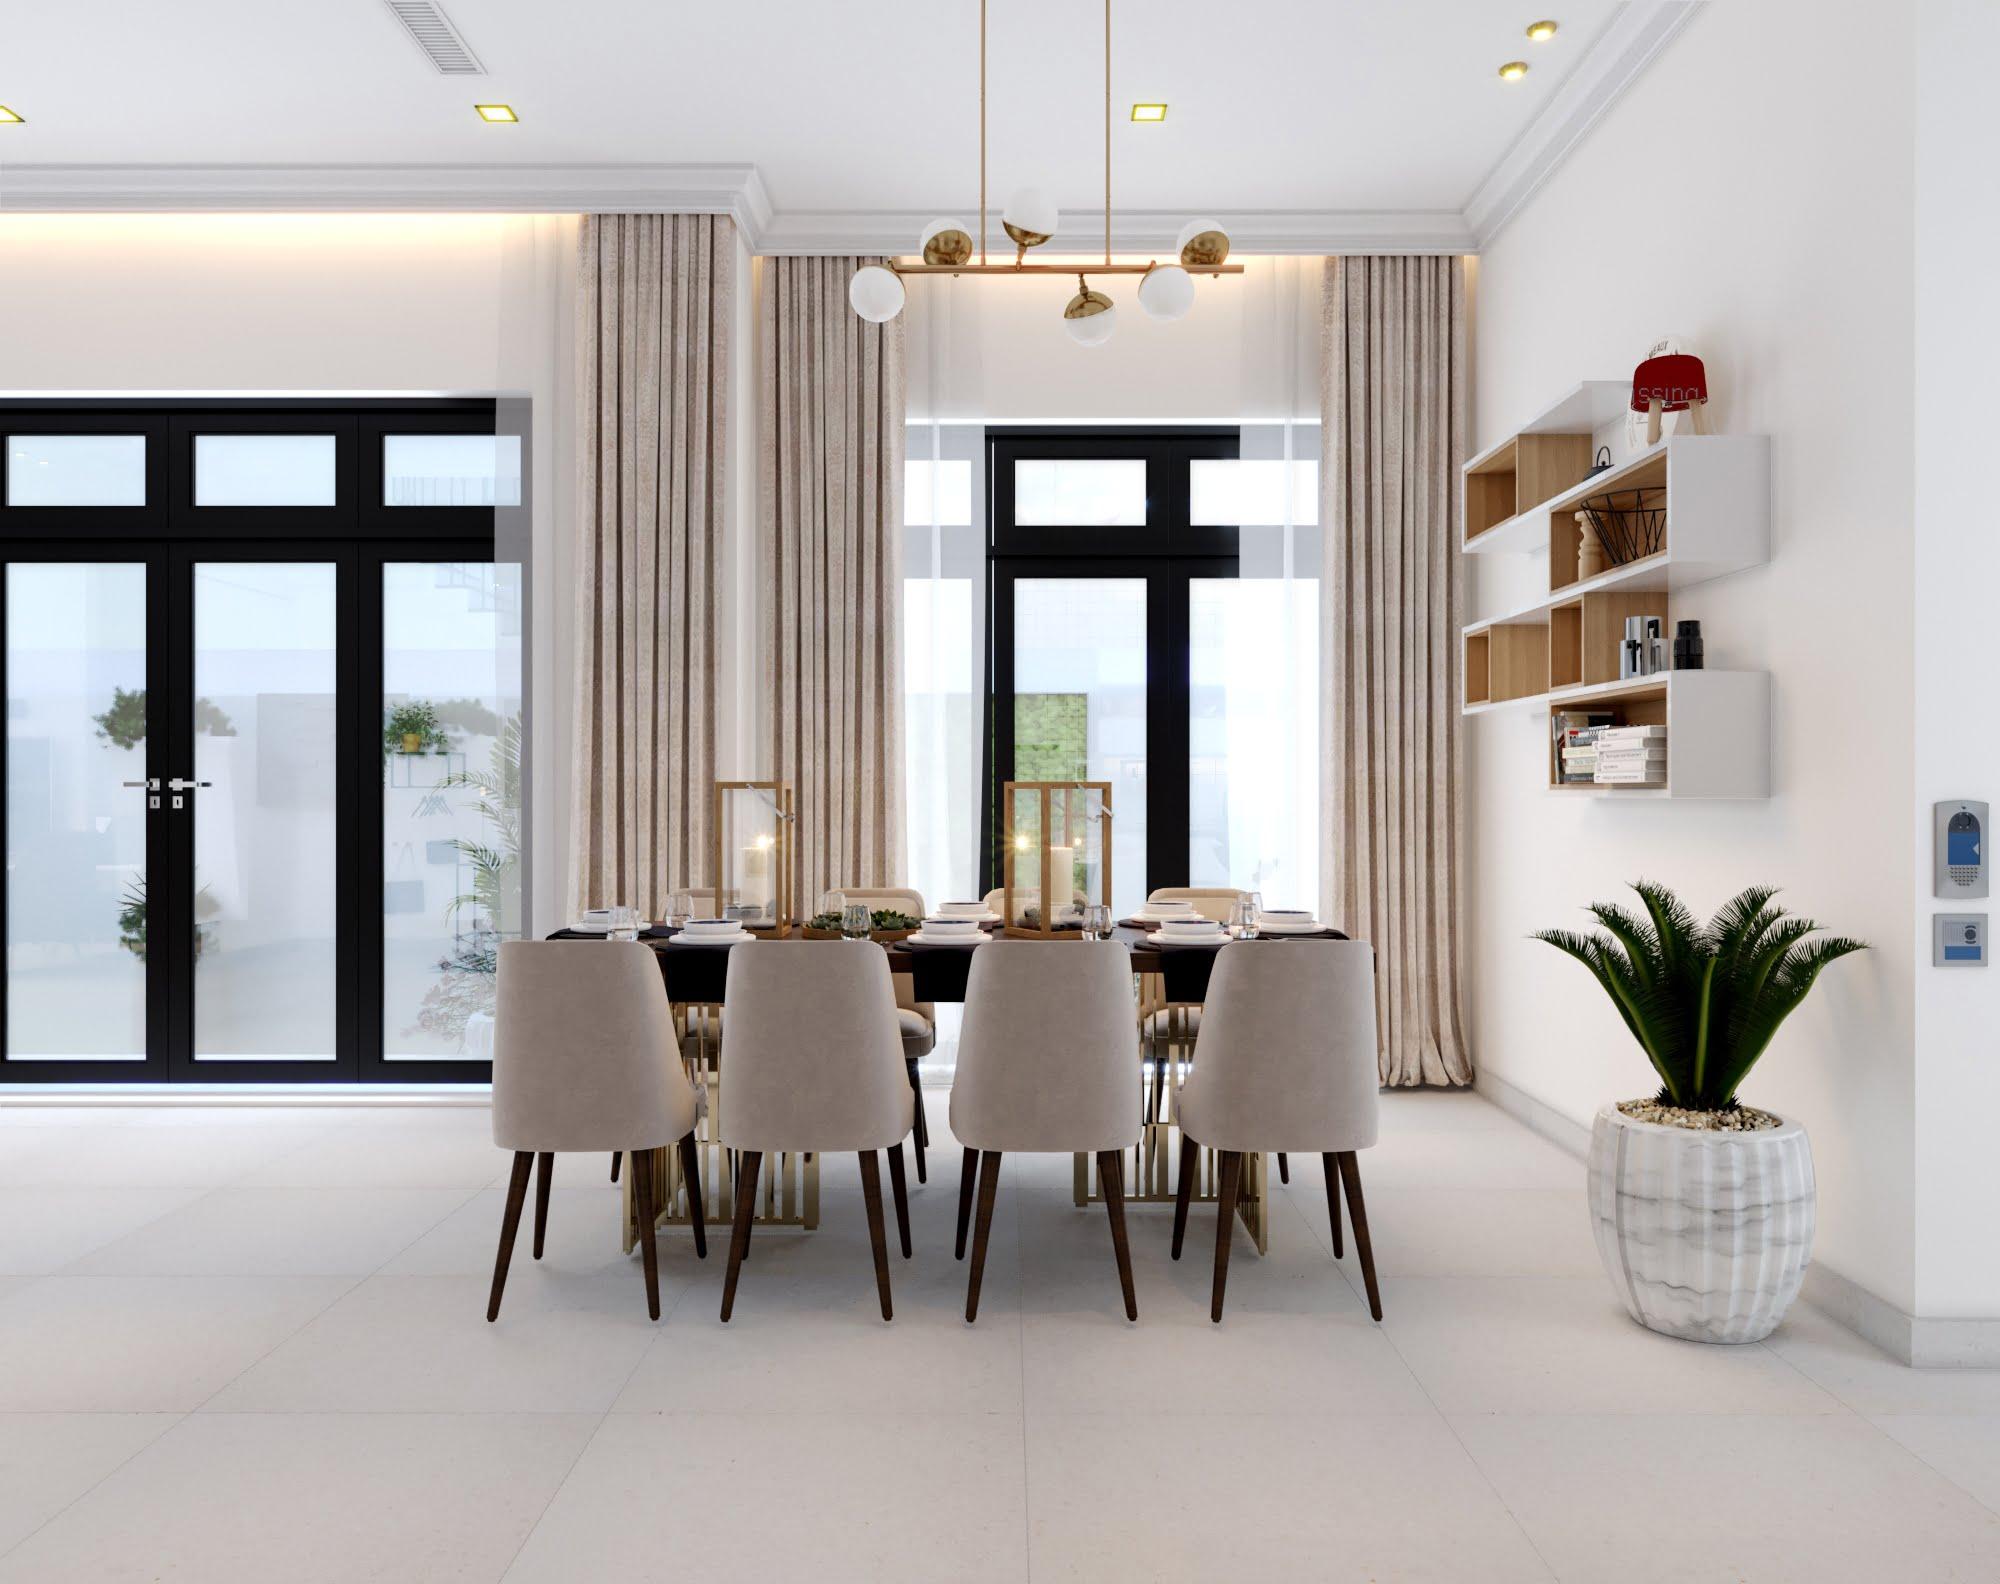 mẫu biệt thự mni 2 tầng hiện đại đẹp 8